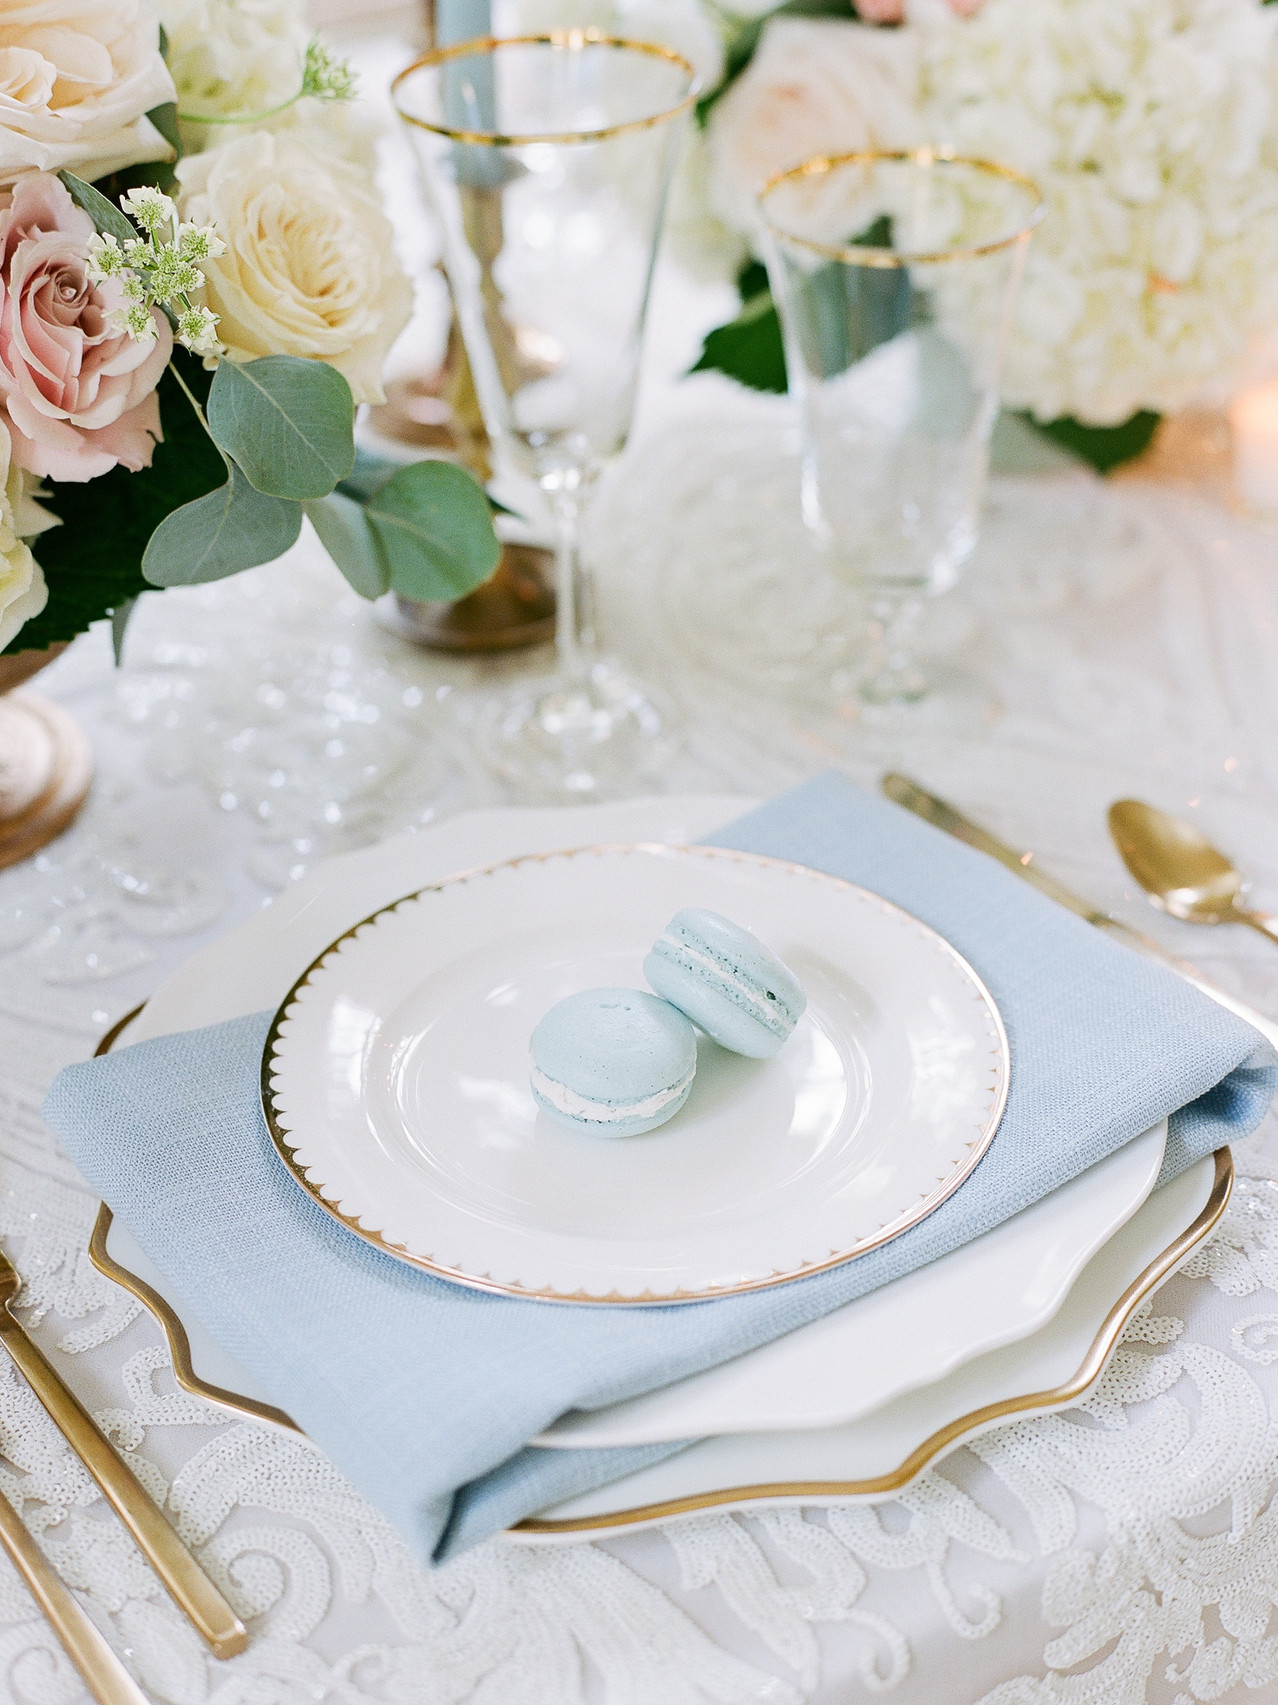 SoHo Event Design wedding planner Duke Mansion wedding reception event design north carolina wedding planner